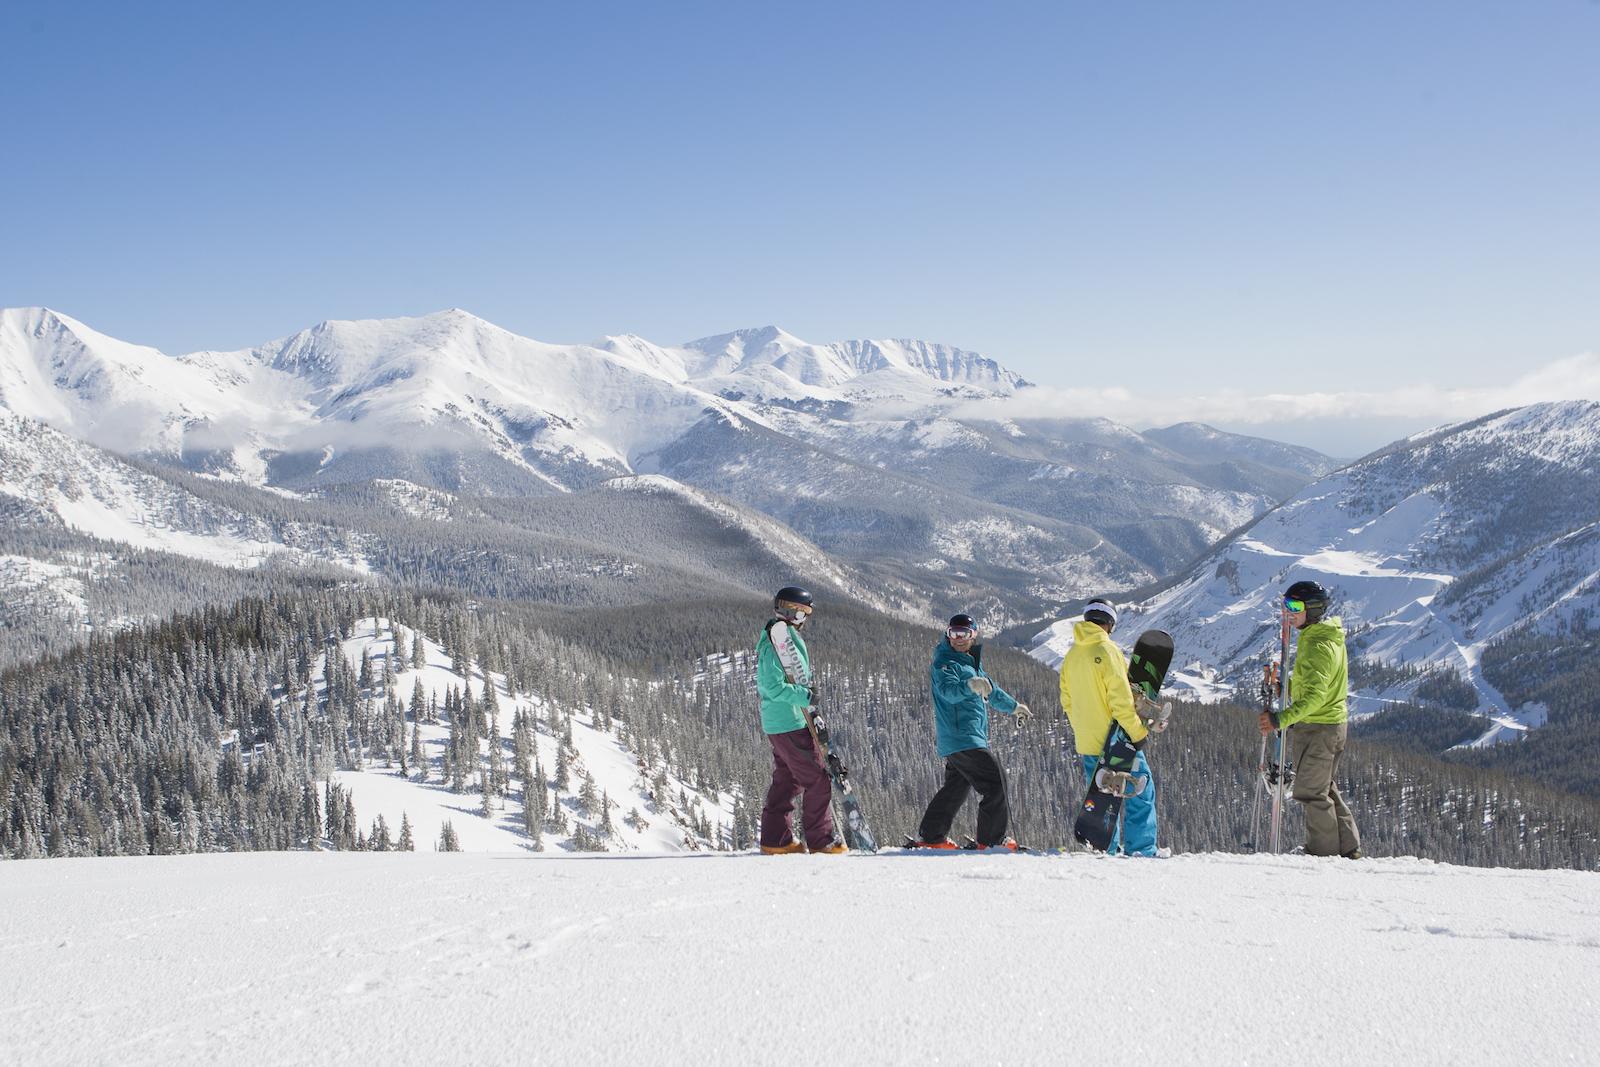 Monarch Ski Area